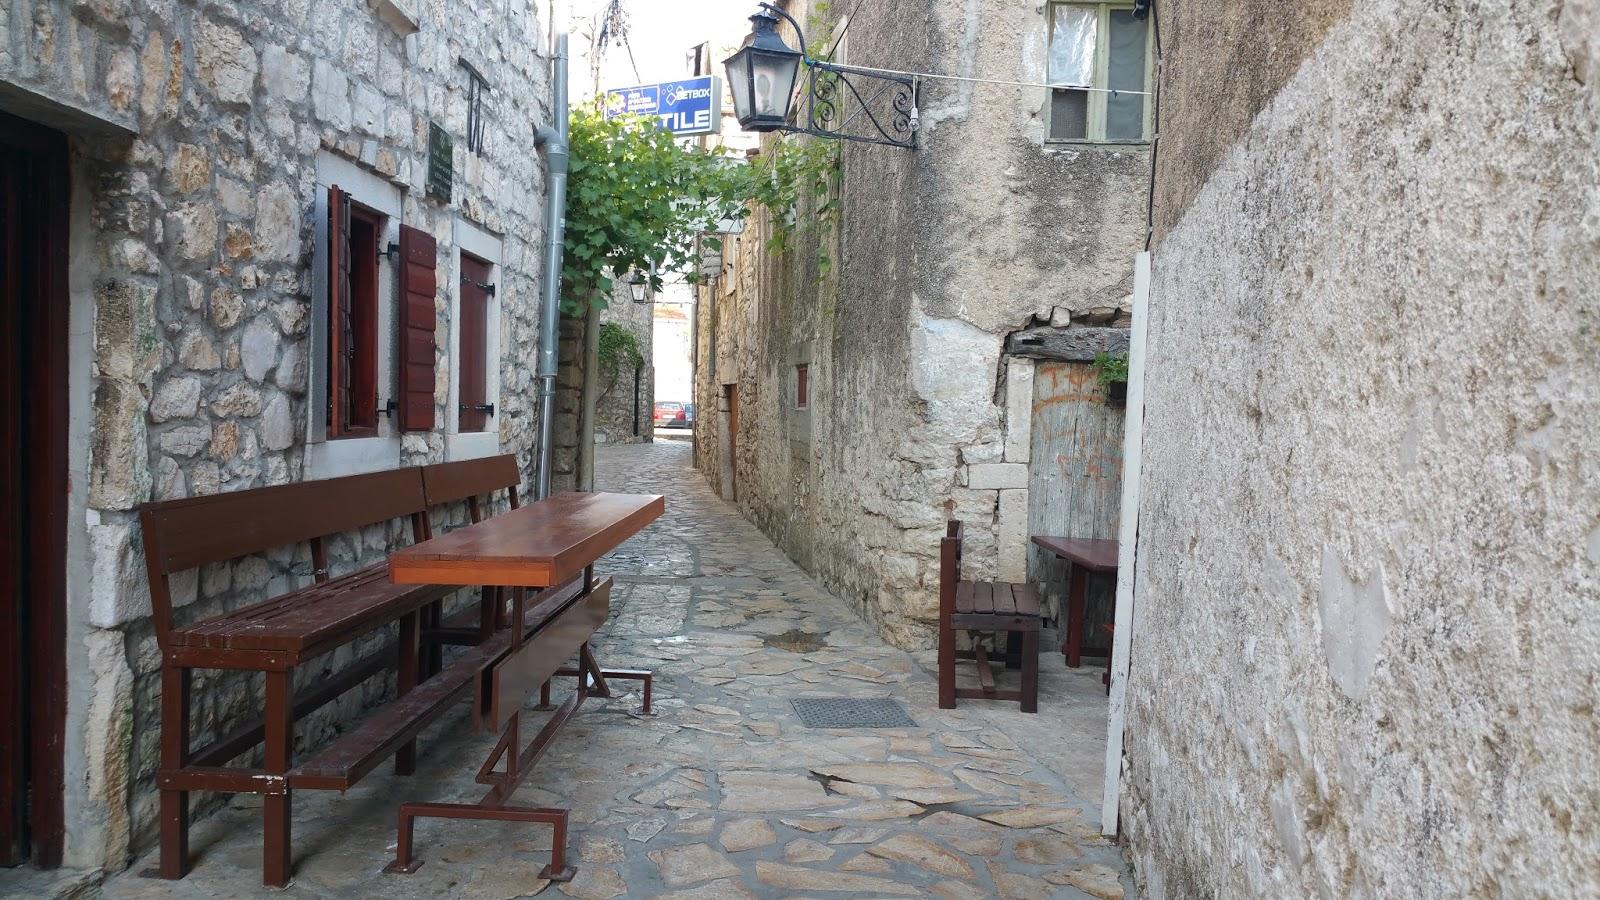 Urige und enge Gasse in einer kleinen Altstadt in Kroatien